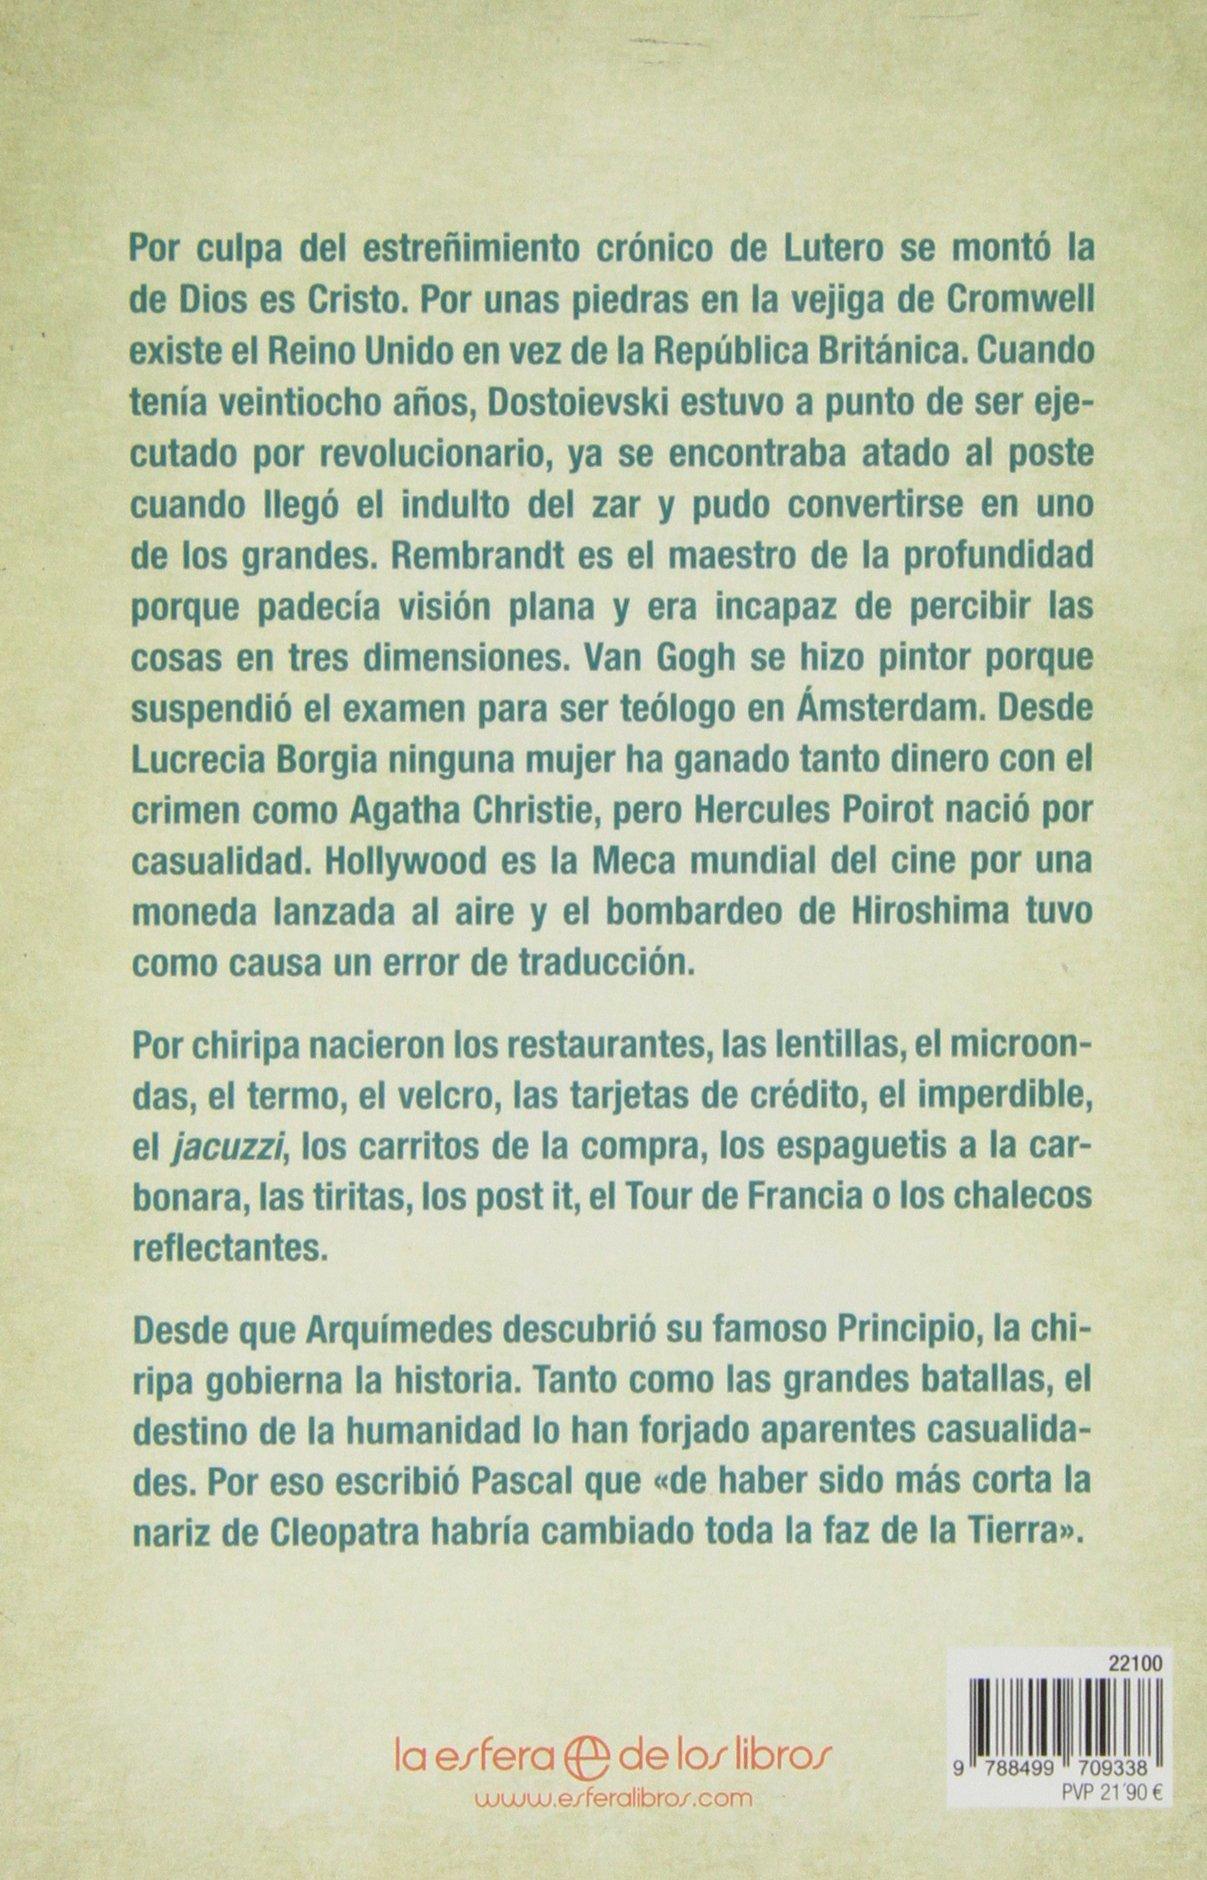 Chiripas de la historia: una antología de las casualidades más increíbles que han forjado el destino de la humanidad: Gonzalo Ugidos: 9788499709338: ...